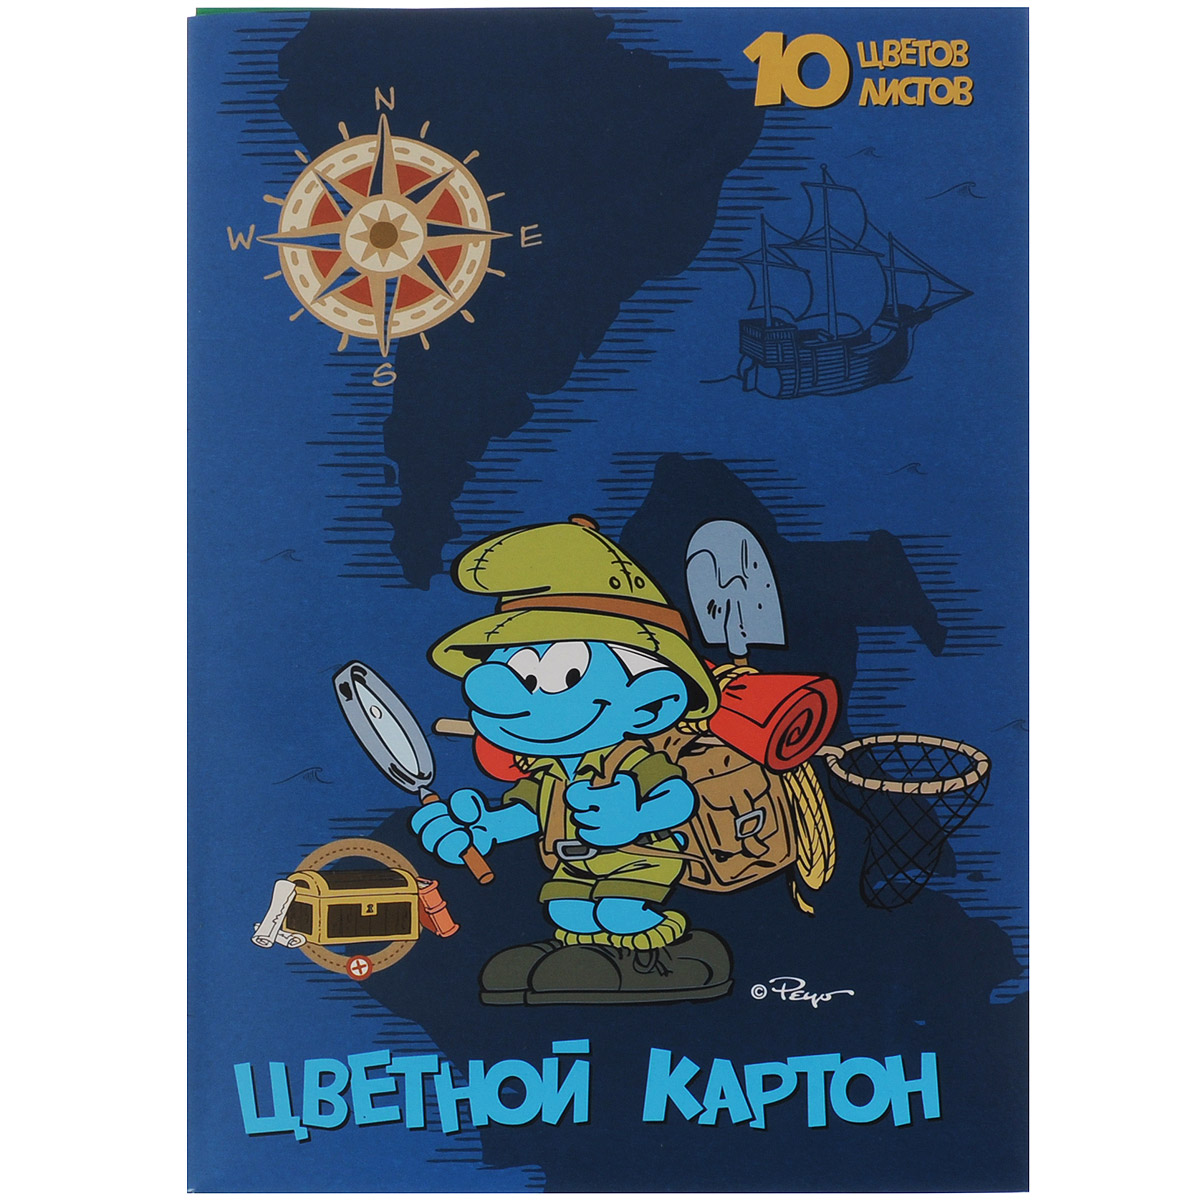 Цветной картон Смурфики, 10 цветов25245Цветной картон Смурфики идеально подойдет для творческих занятий в детском саду, школе или дома. Картон упакован в яркую картонную папку, оформленную рисунком с изображением смурфика. Упаковка содержит десять листов картона разных цветов (оранжевый, зеленый, желтый, черный,синий, фиолетовый, красный, коричневый, золотой и серебряный).Создание поделок и аппликаций из картона- это увлекательный досуг, который позволяет ребенку развивать свои творческие способности.Рекомендуемый возраст: от 3 лет.